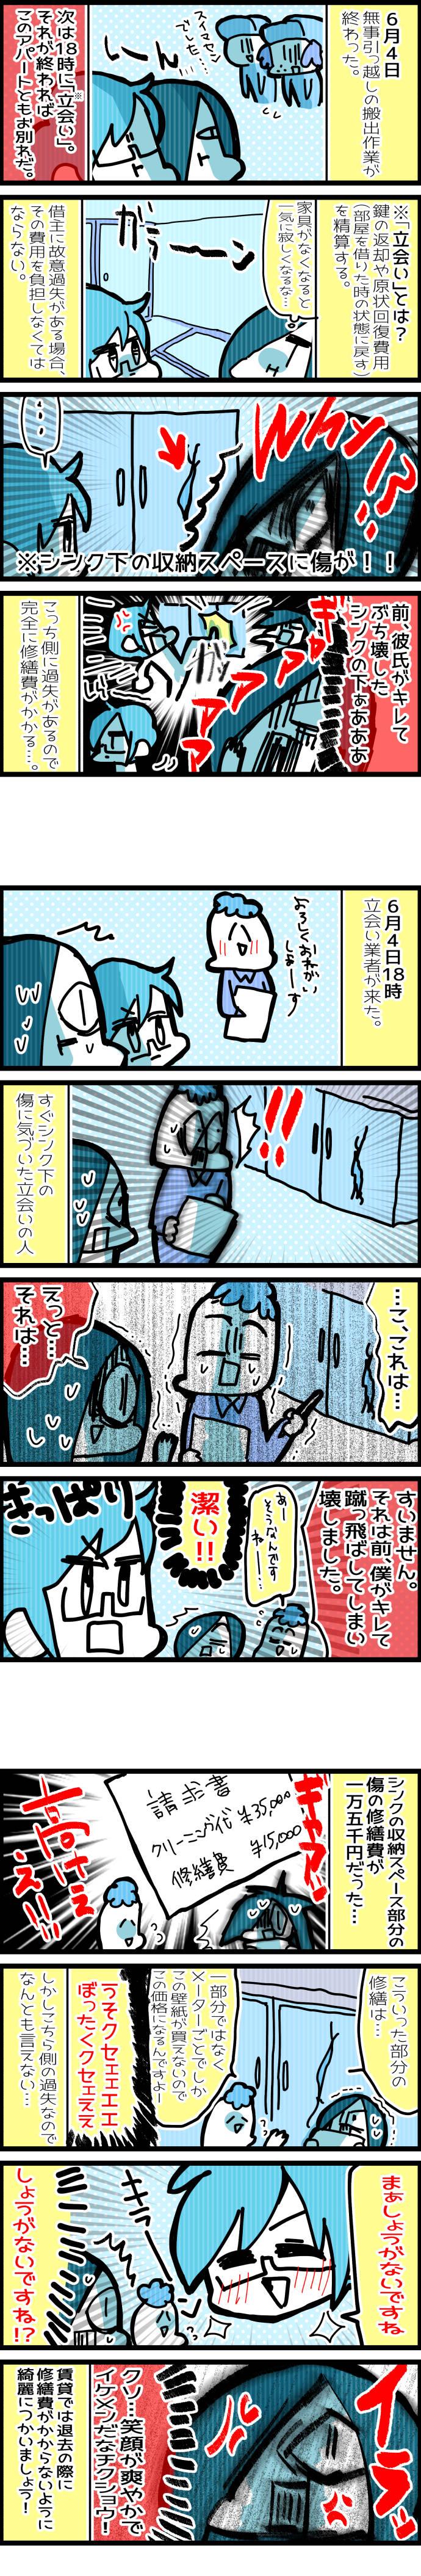 neetsadami.com_5話